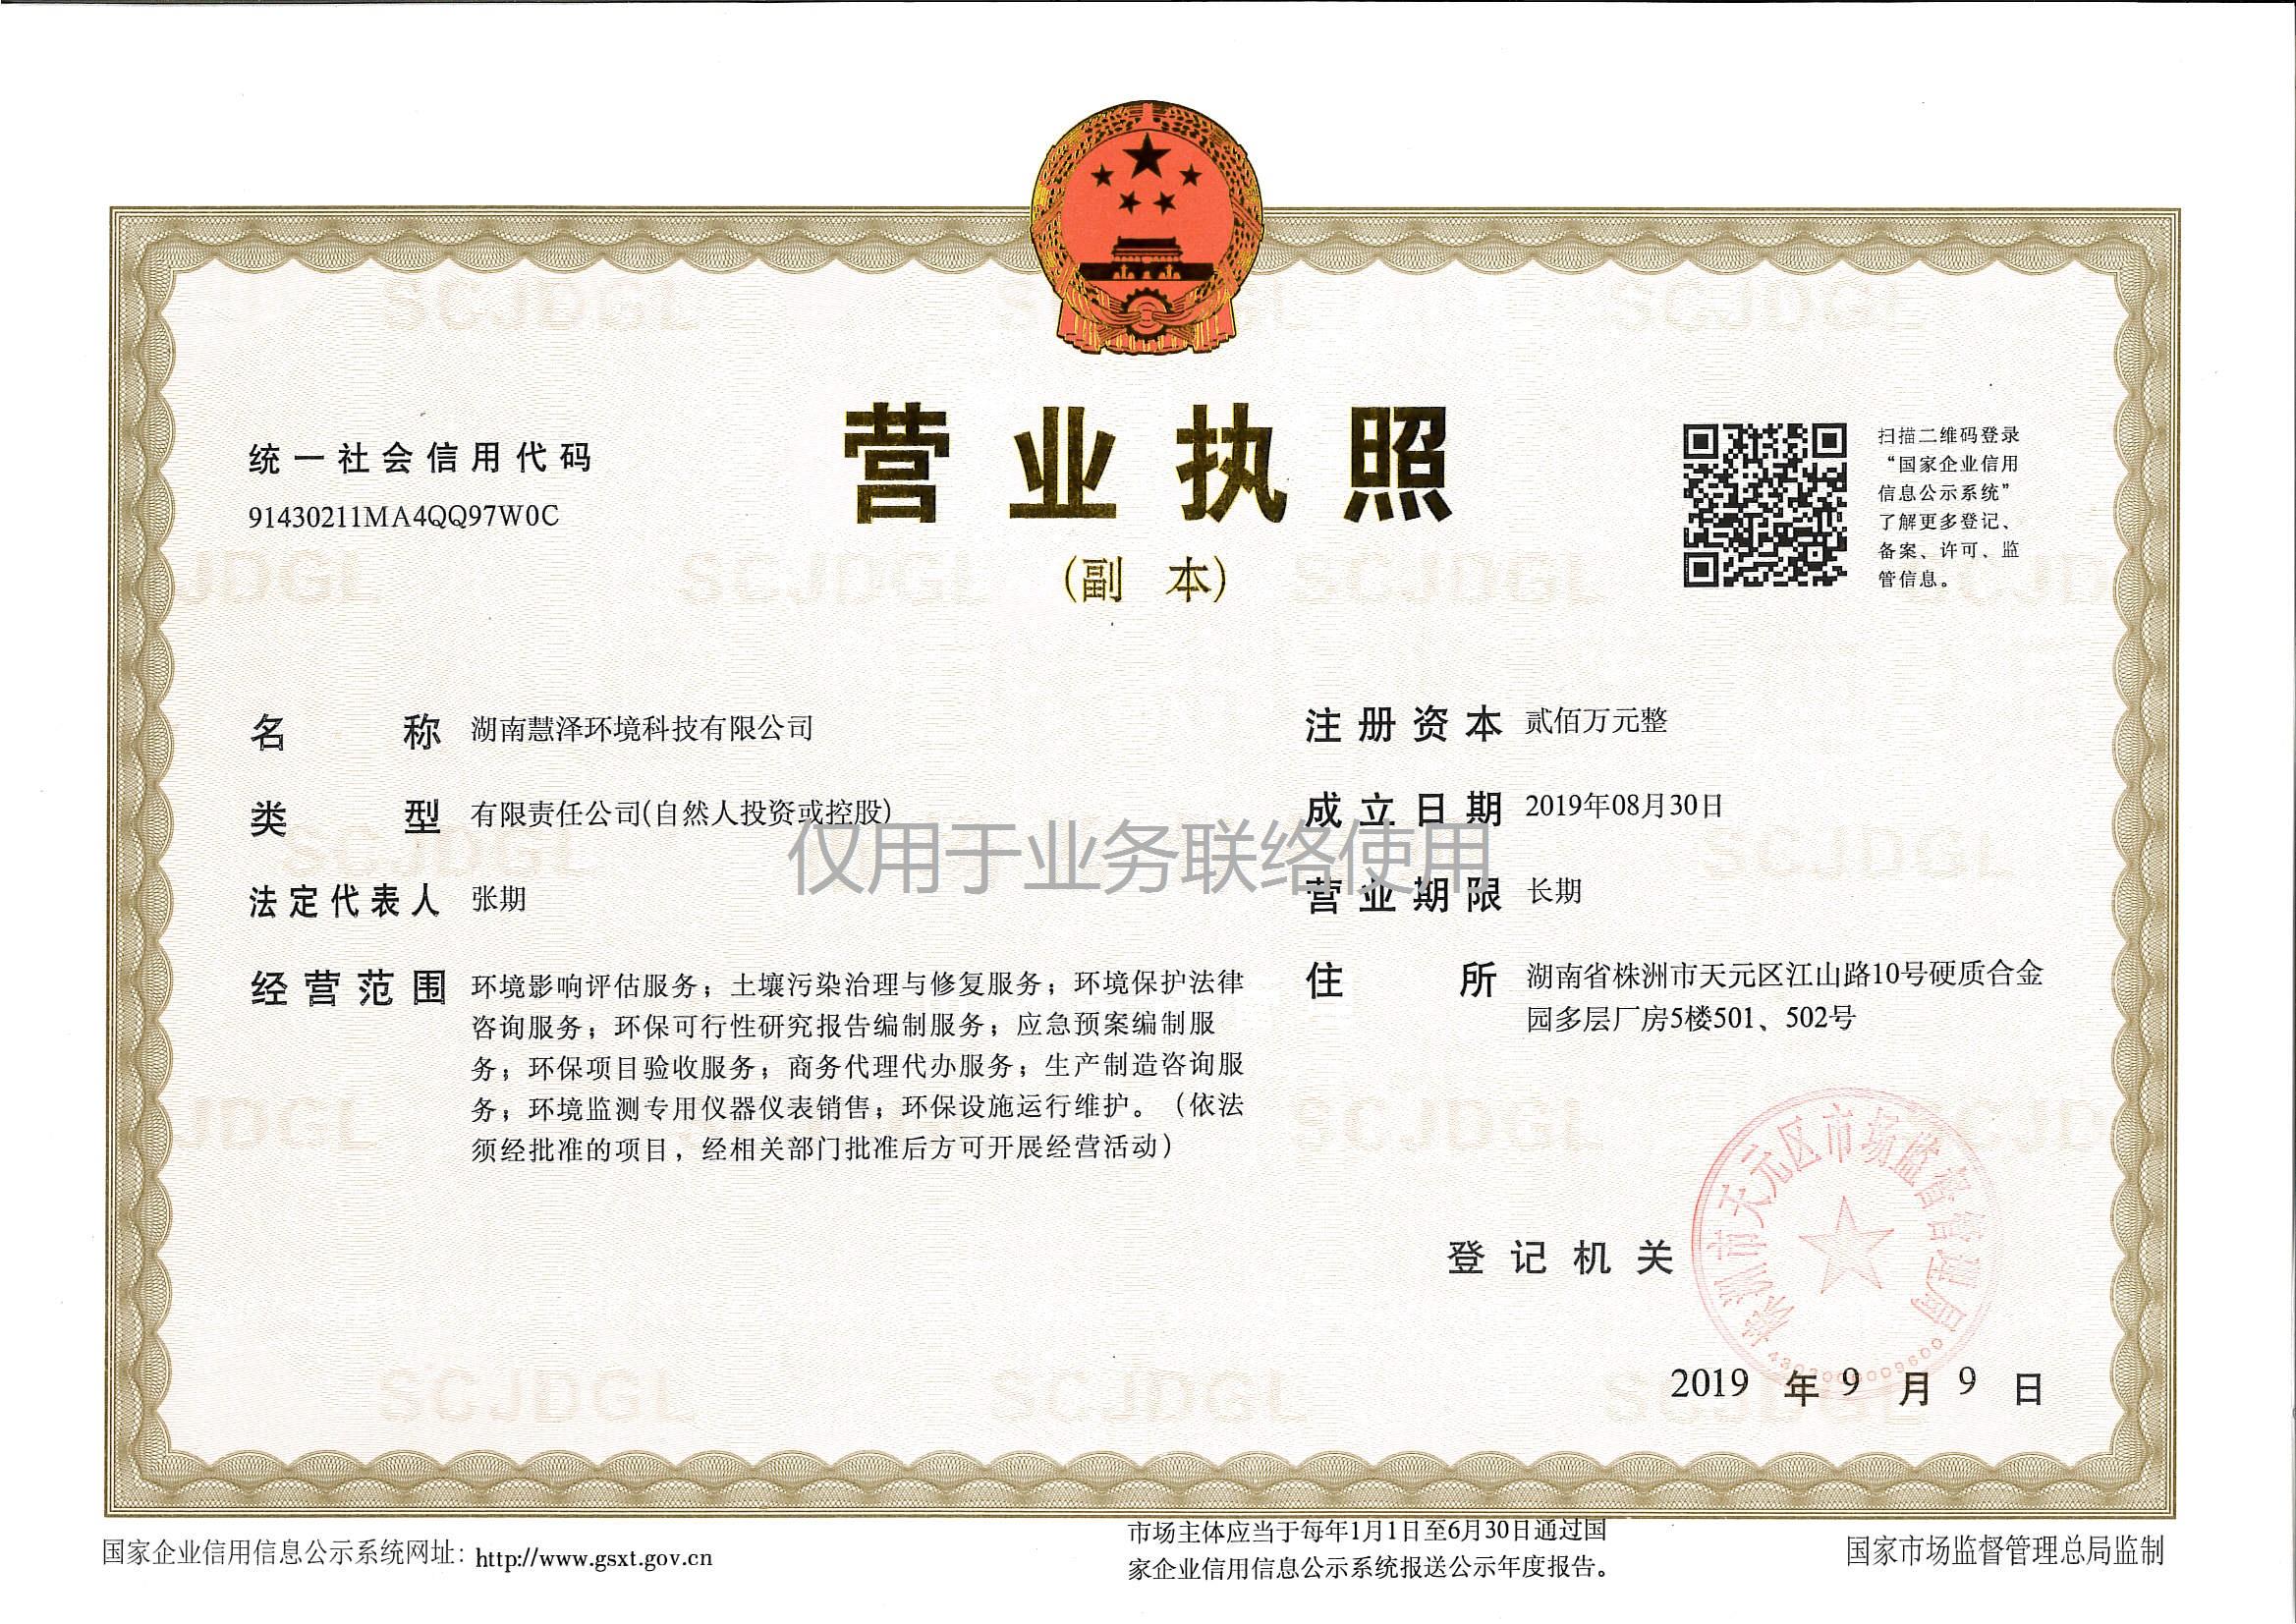 湖南慧泽环境科技有限公司 营业执照